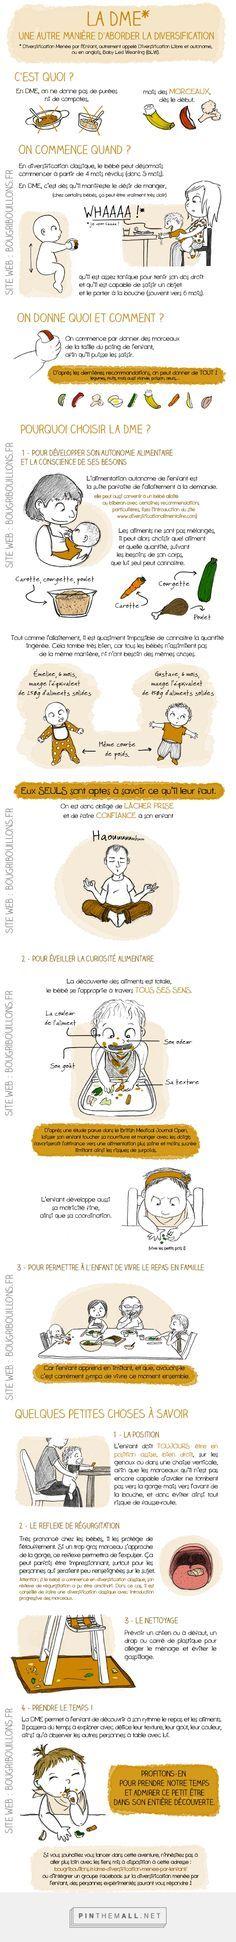 DME (diversification menée par l'enfant) - Bougribouillons